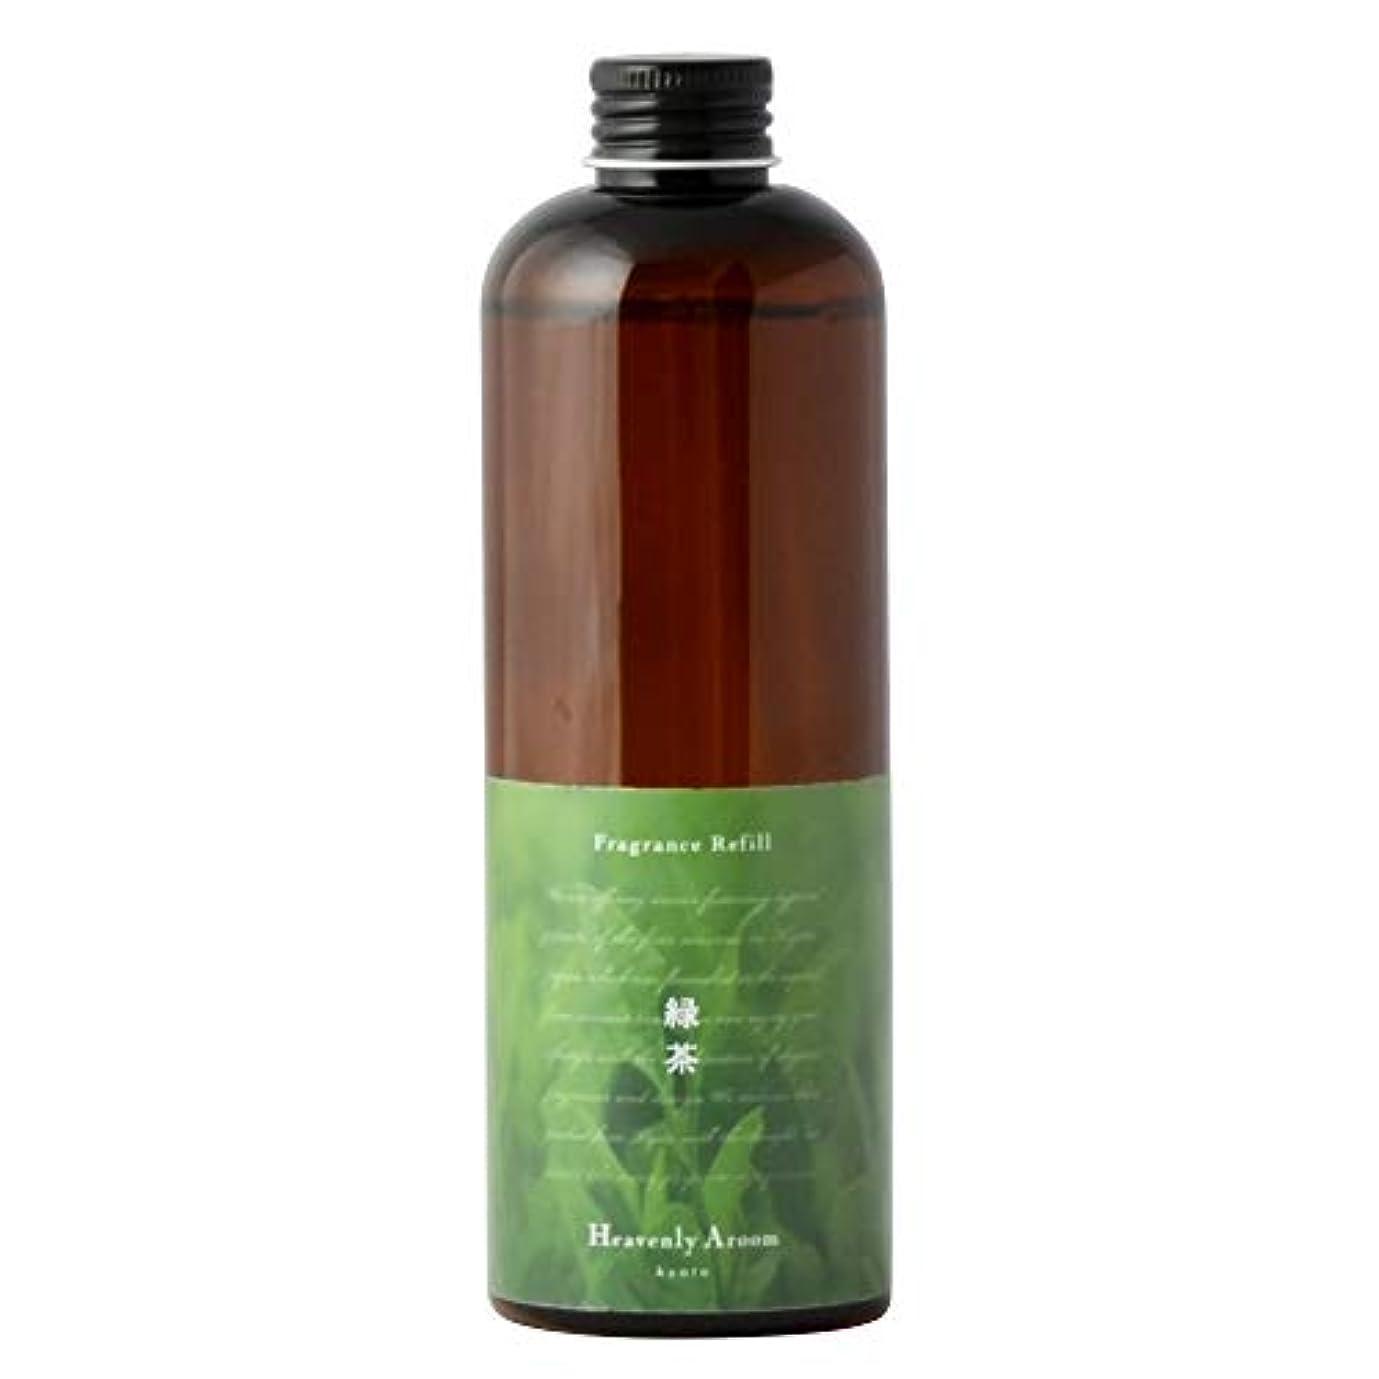 うぬぼれ導入する心臓Heavenly Aroomフレグランスリフィル 緑茶 300ml